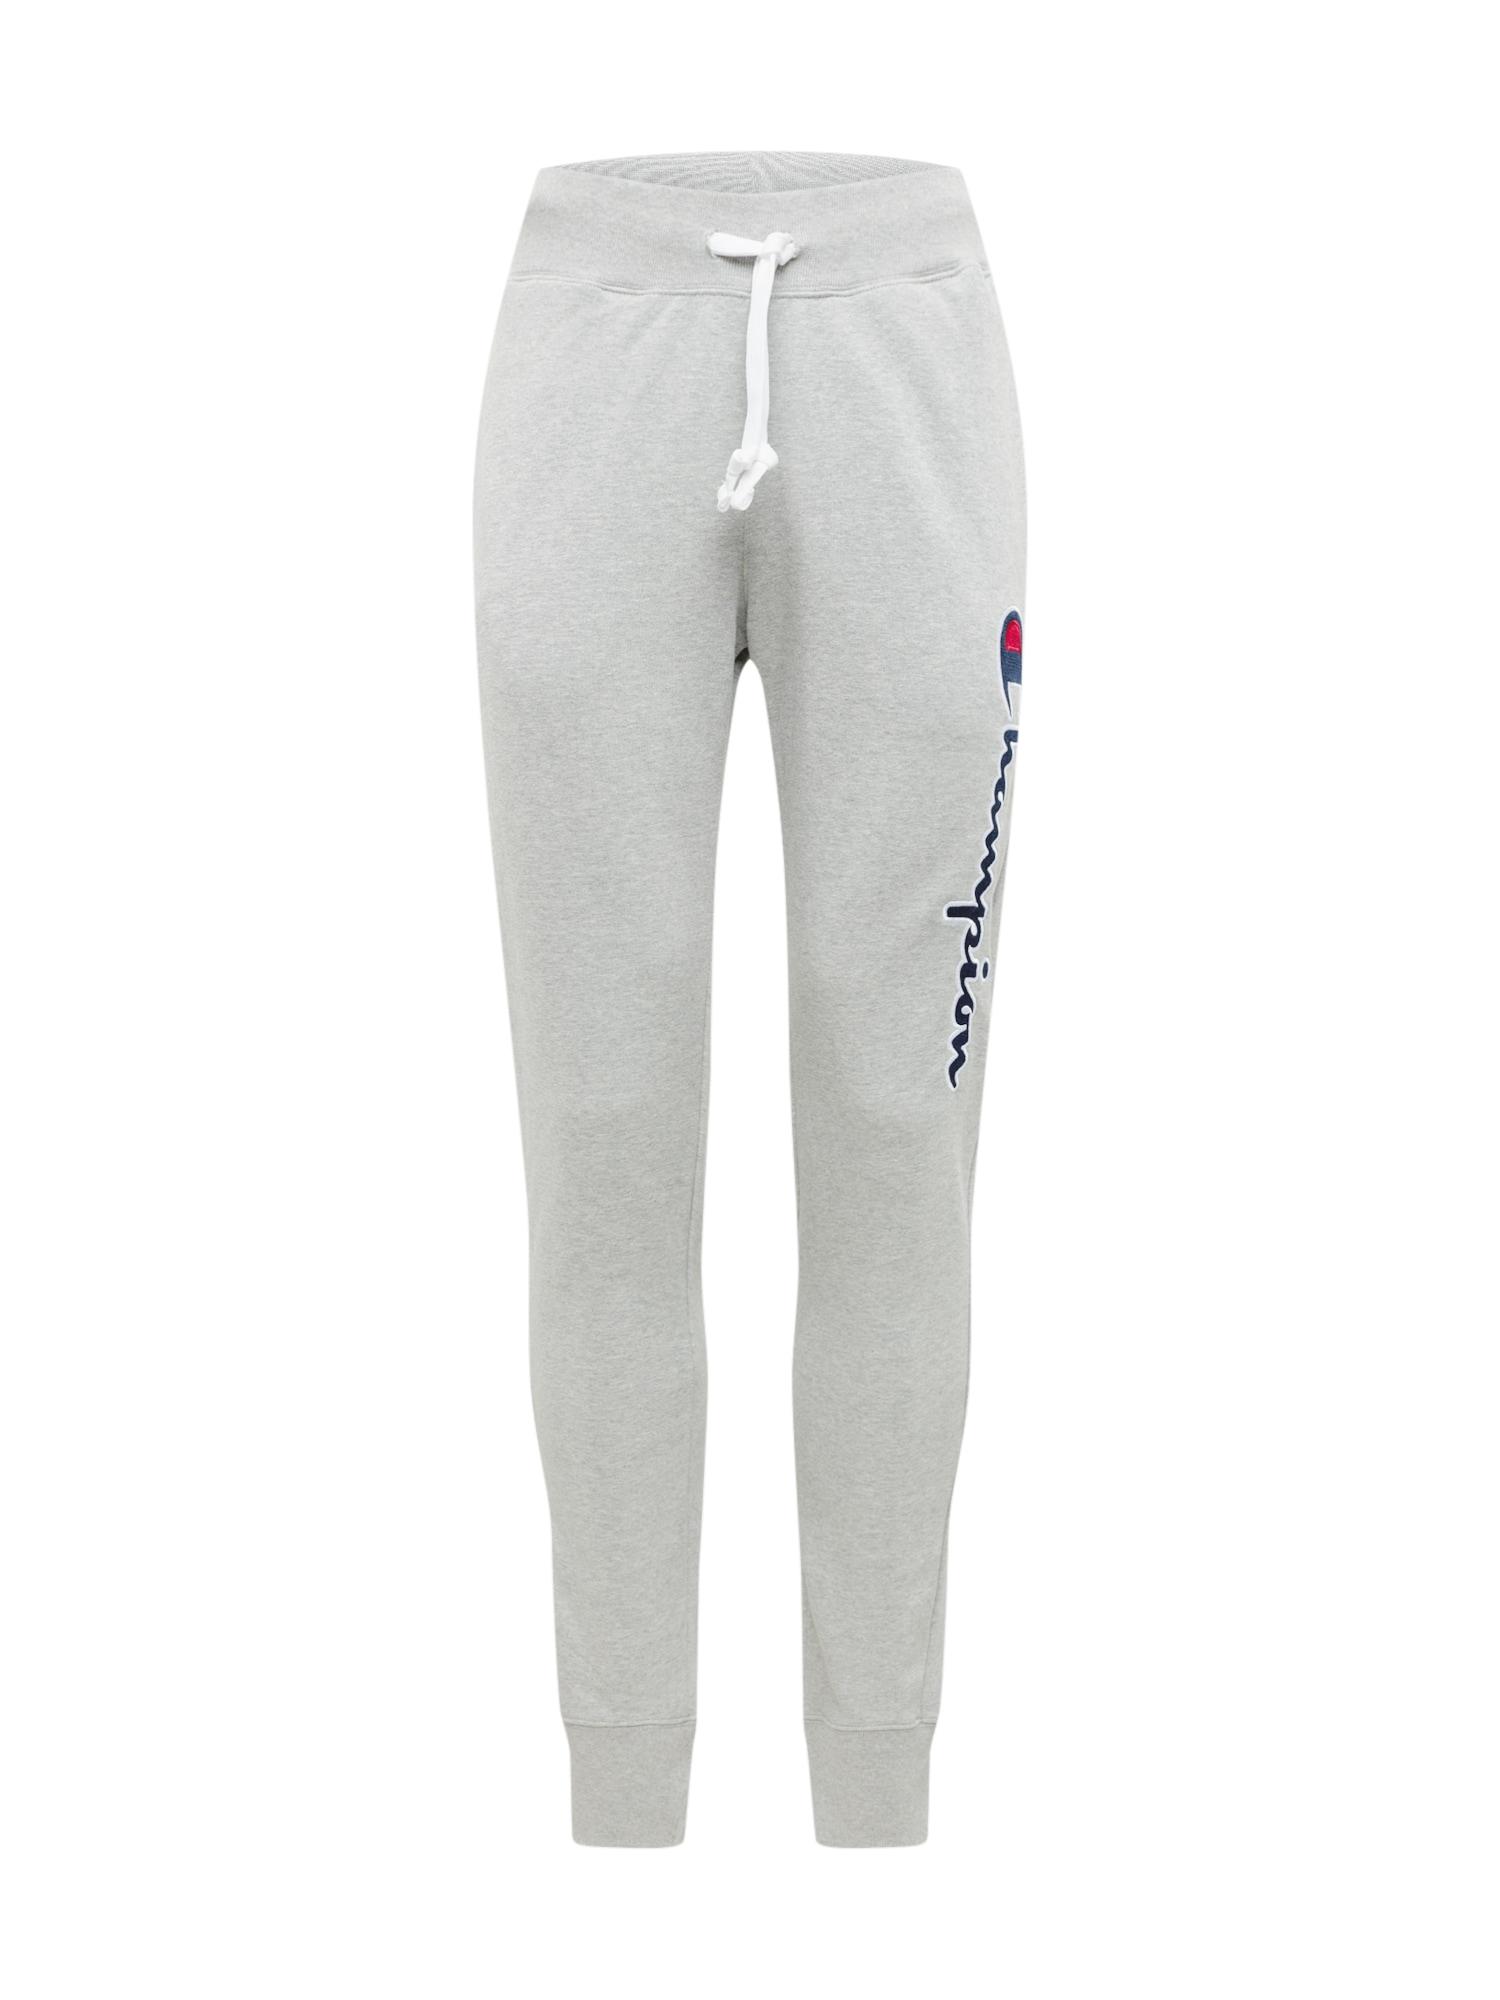 Champion Authentic Athletic Apparel Kelnės šviesiai pilka / tamsiai mėlyna / balta / raudona